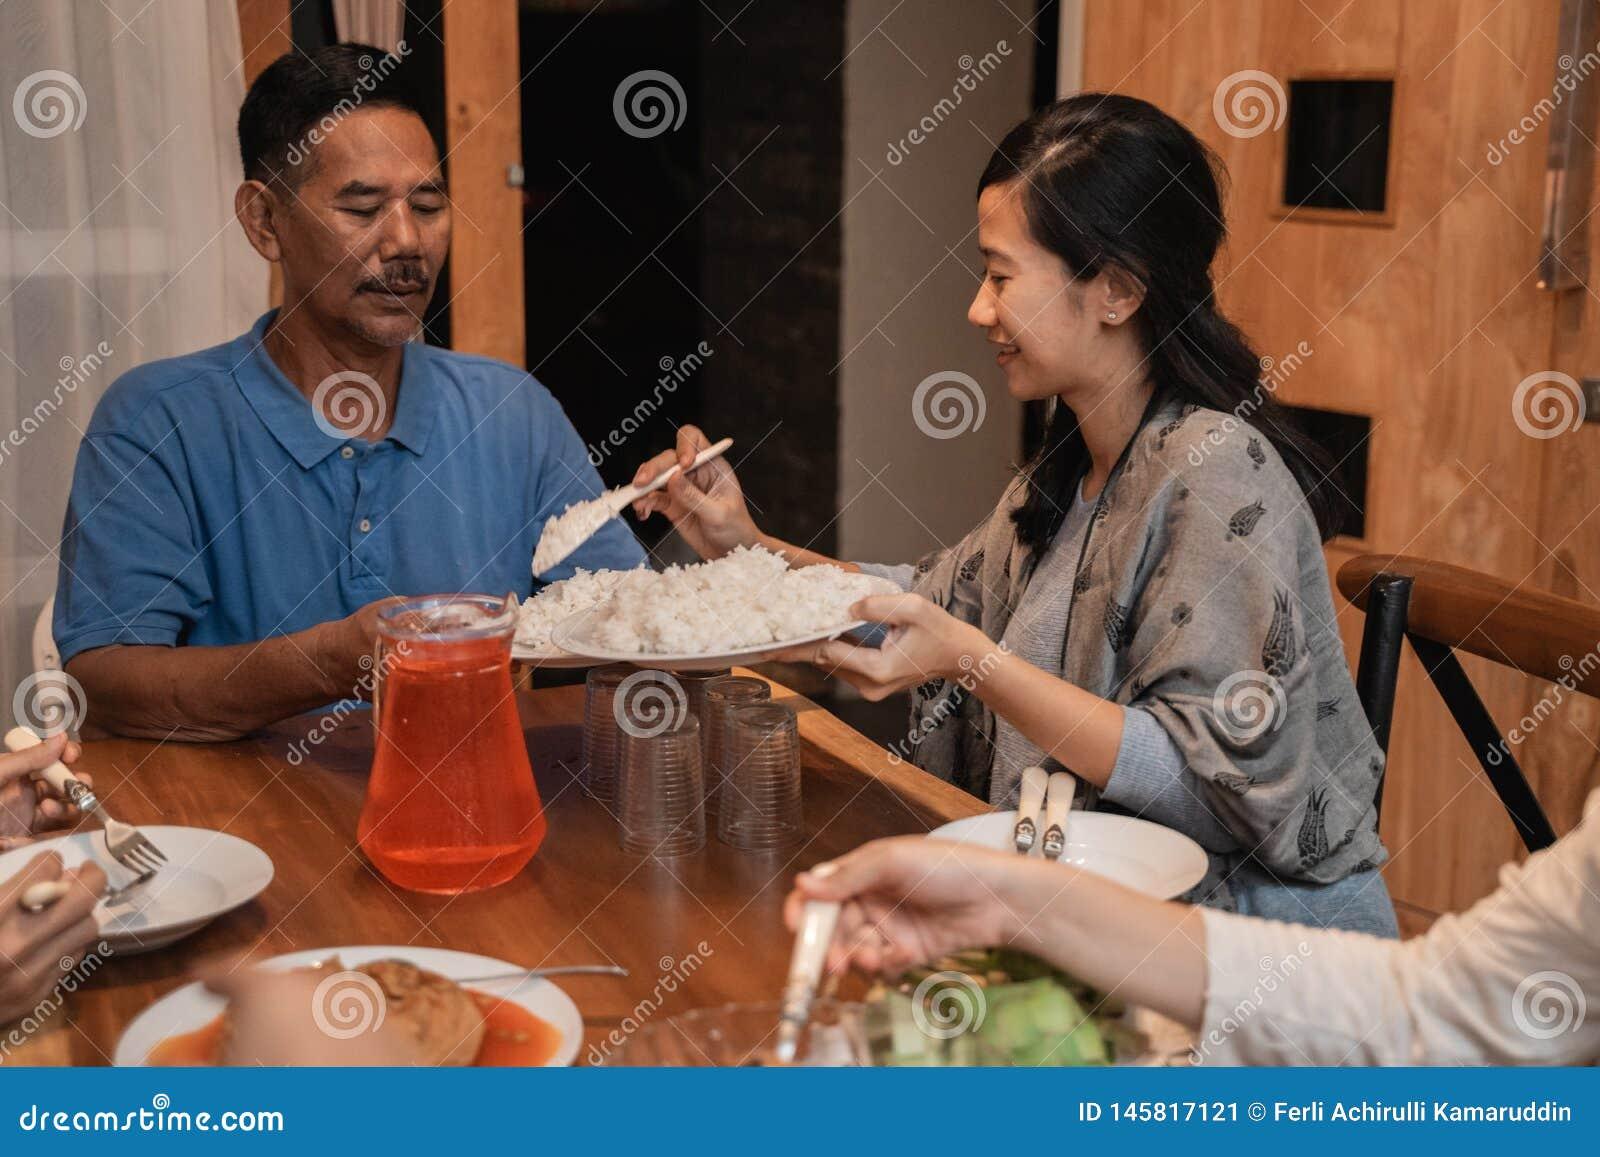 Отец и дочь есть обедающий совместно